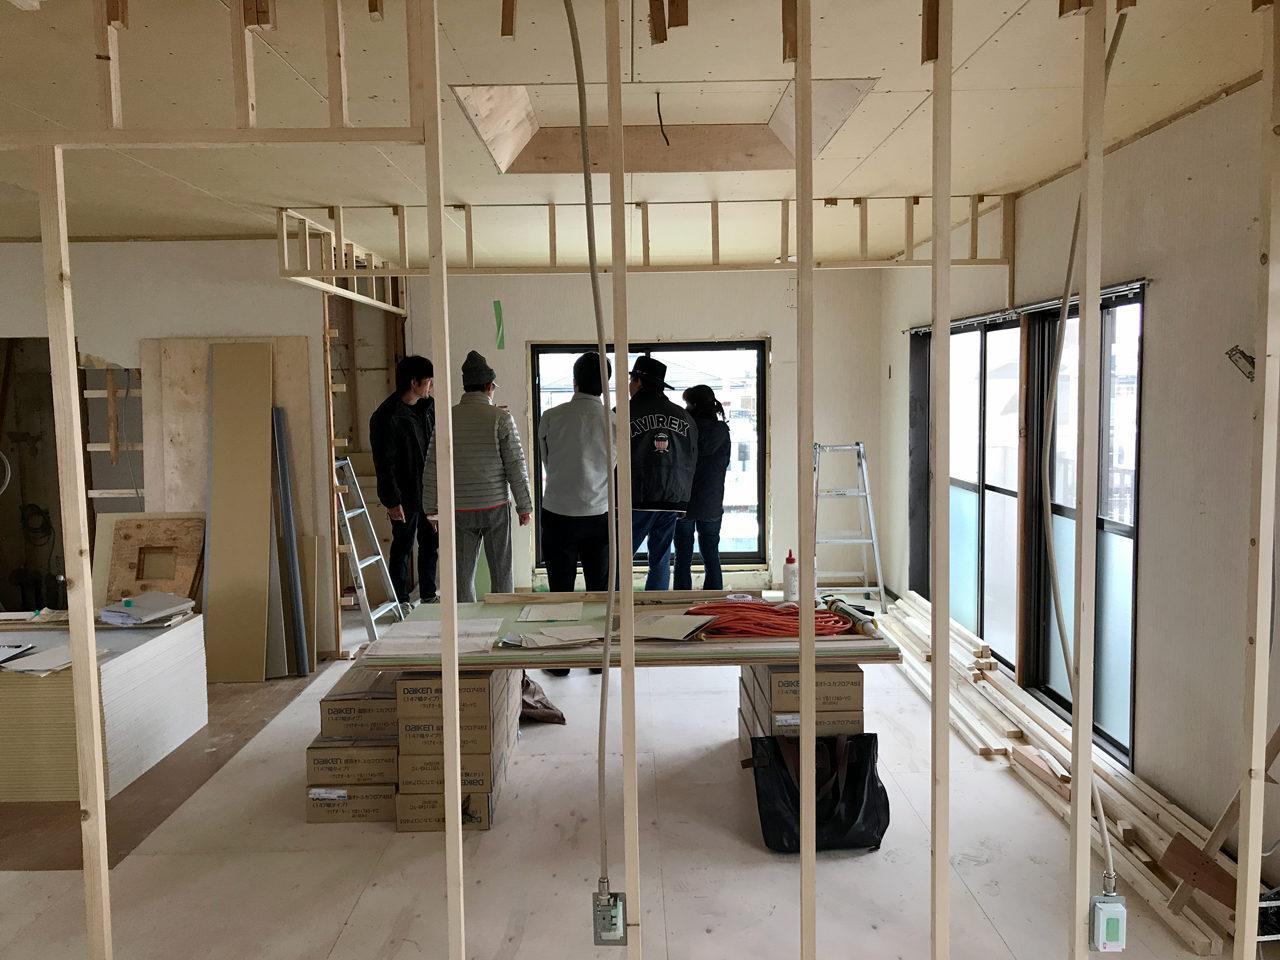 思い出の空き家を賃貸マンションへ改装リノベーション設計プロジェクトの2階壁紙打ち合わせ